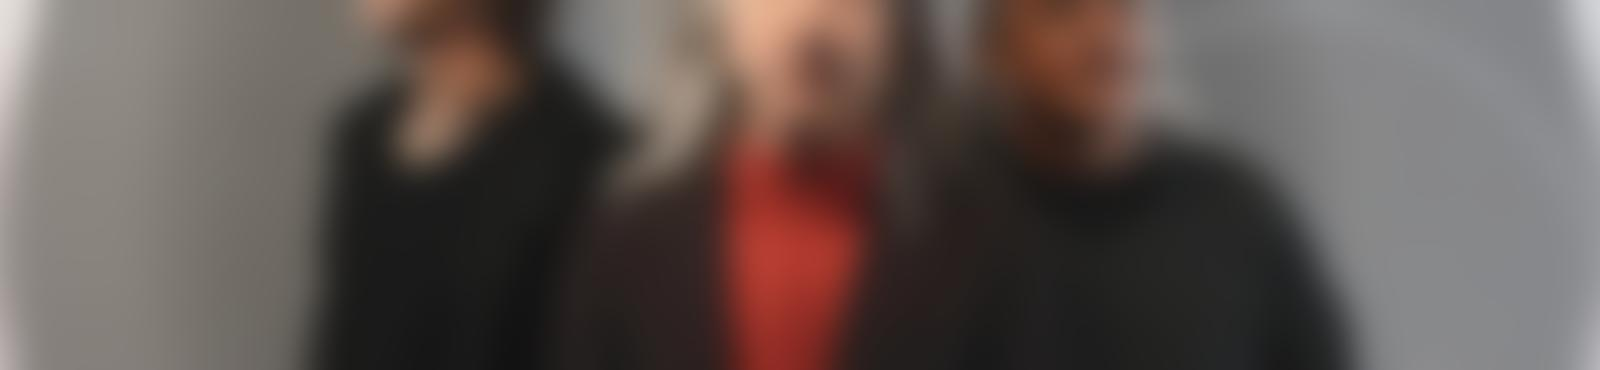 Blurred 5bdc875b 94d1 44a6 b30d d2f488413d0b